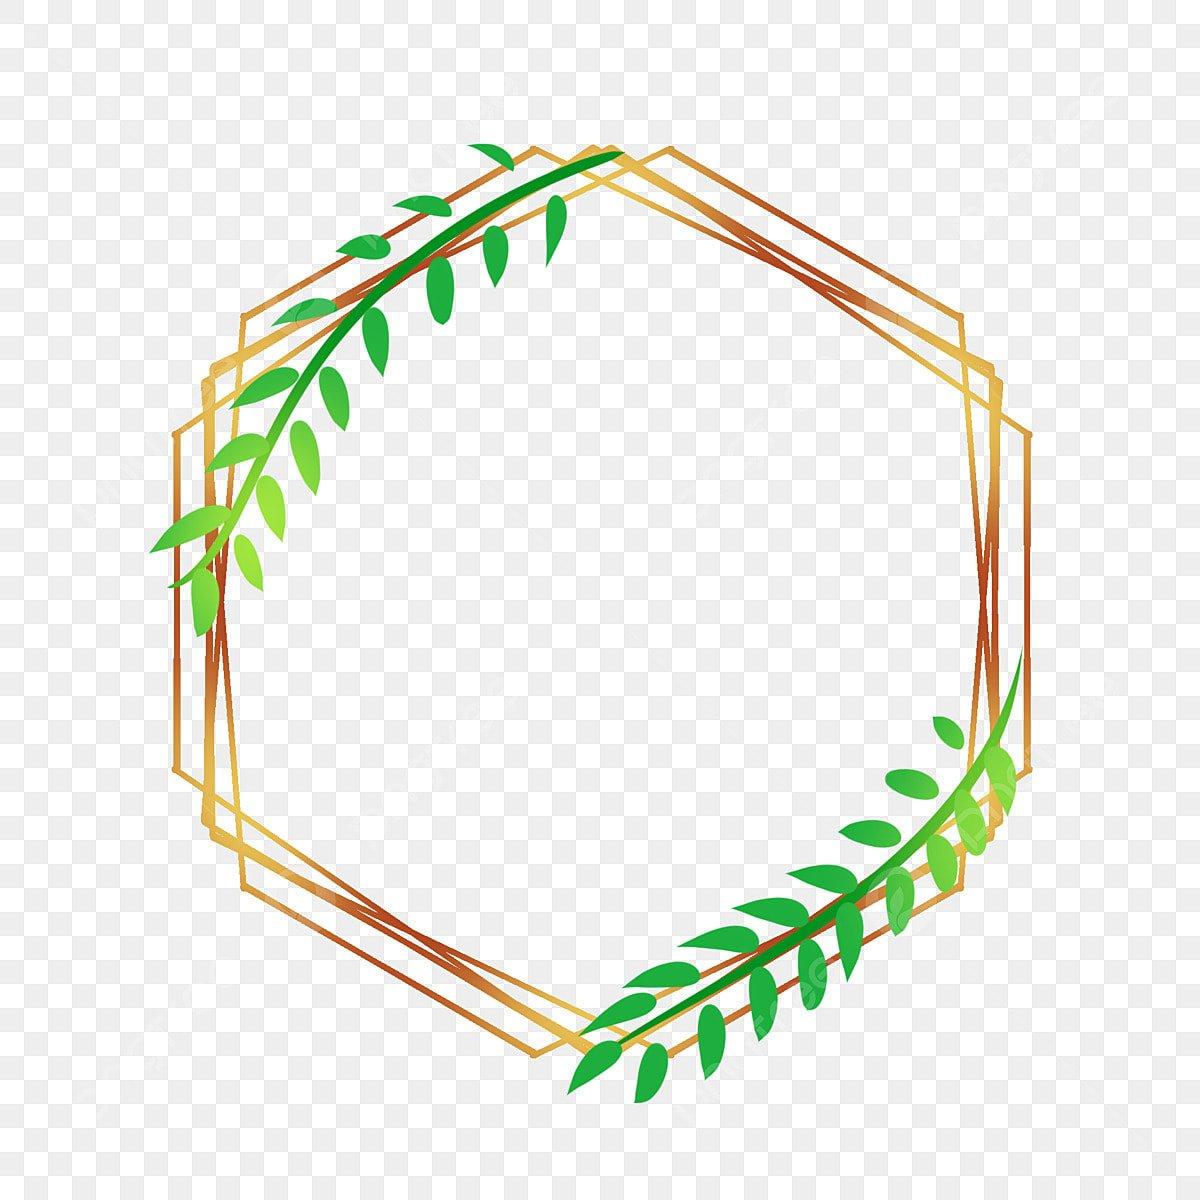 perbatasan daun segi enam benang emas daun segi enam png transparan gambar clipart dan file psd untuk unduh gratis https id pngtree com freepng leaf hexagon border 5405048 html